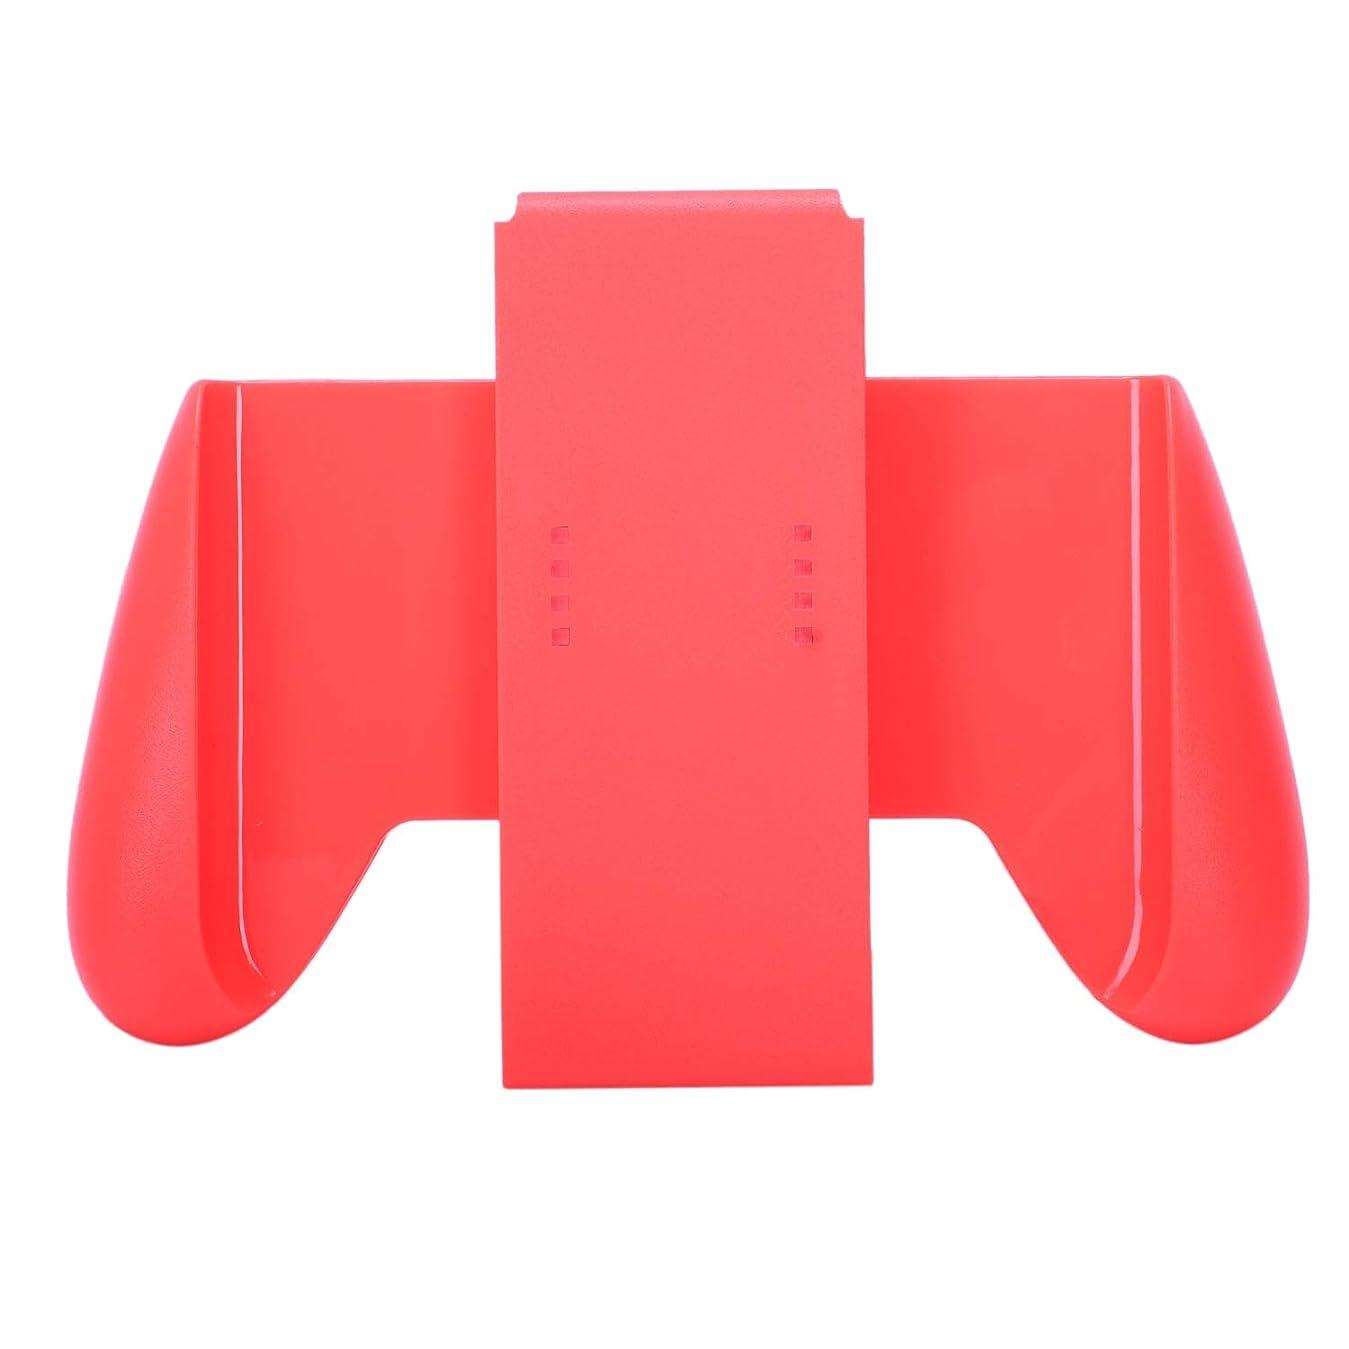 貝殻鉄雄大なGaoominy 1個 ハンドグリップスタンドホルダー ニンテンドースイッチコントローラー用ゲームパッド(レッド)